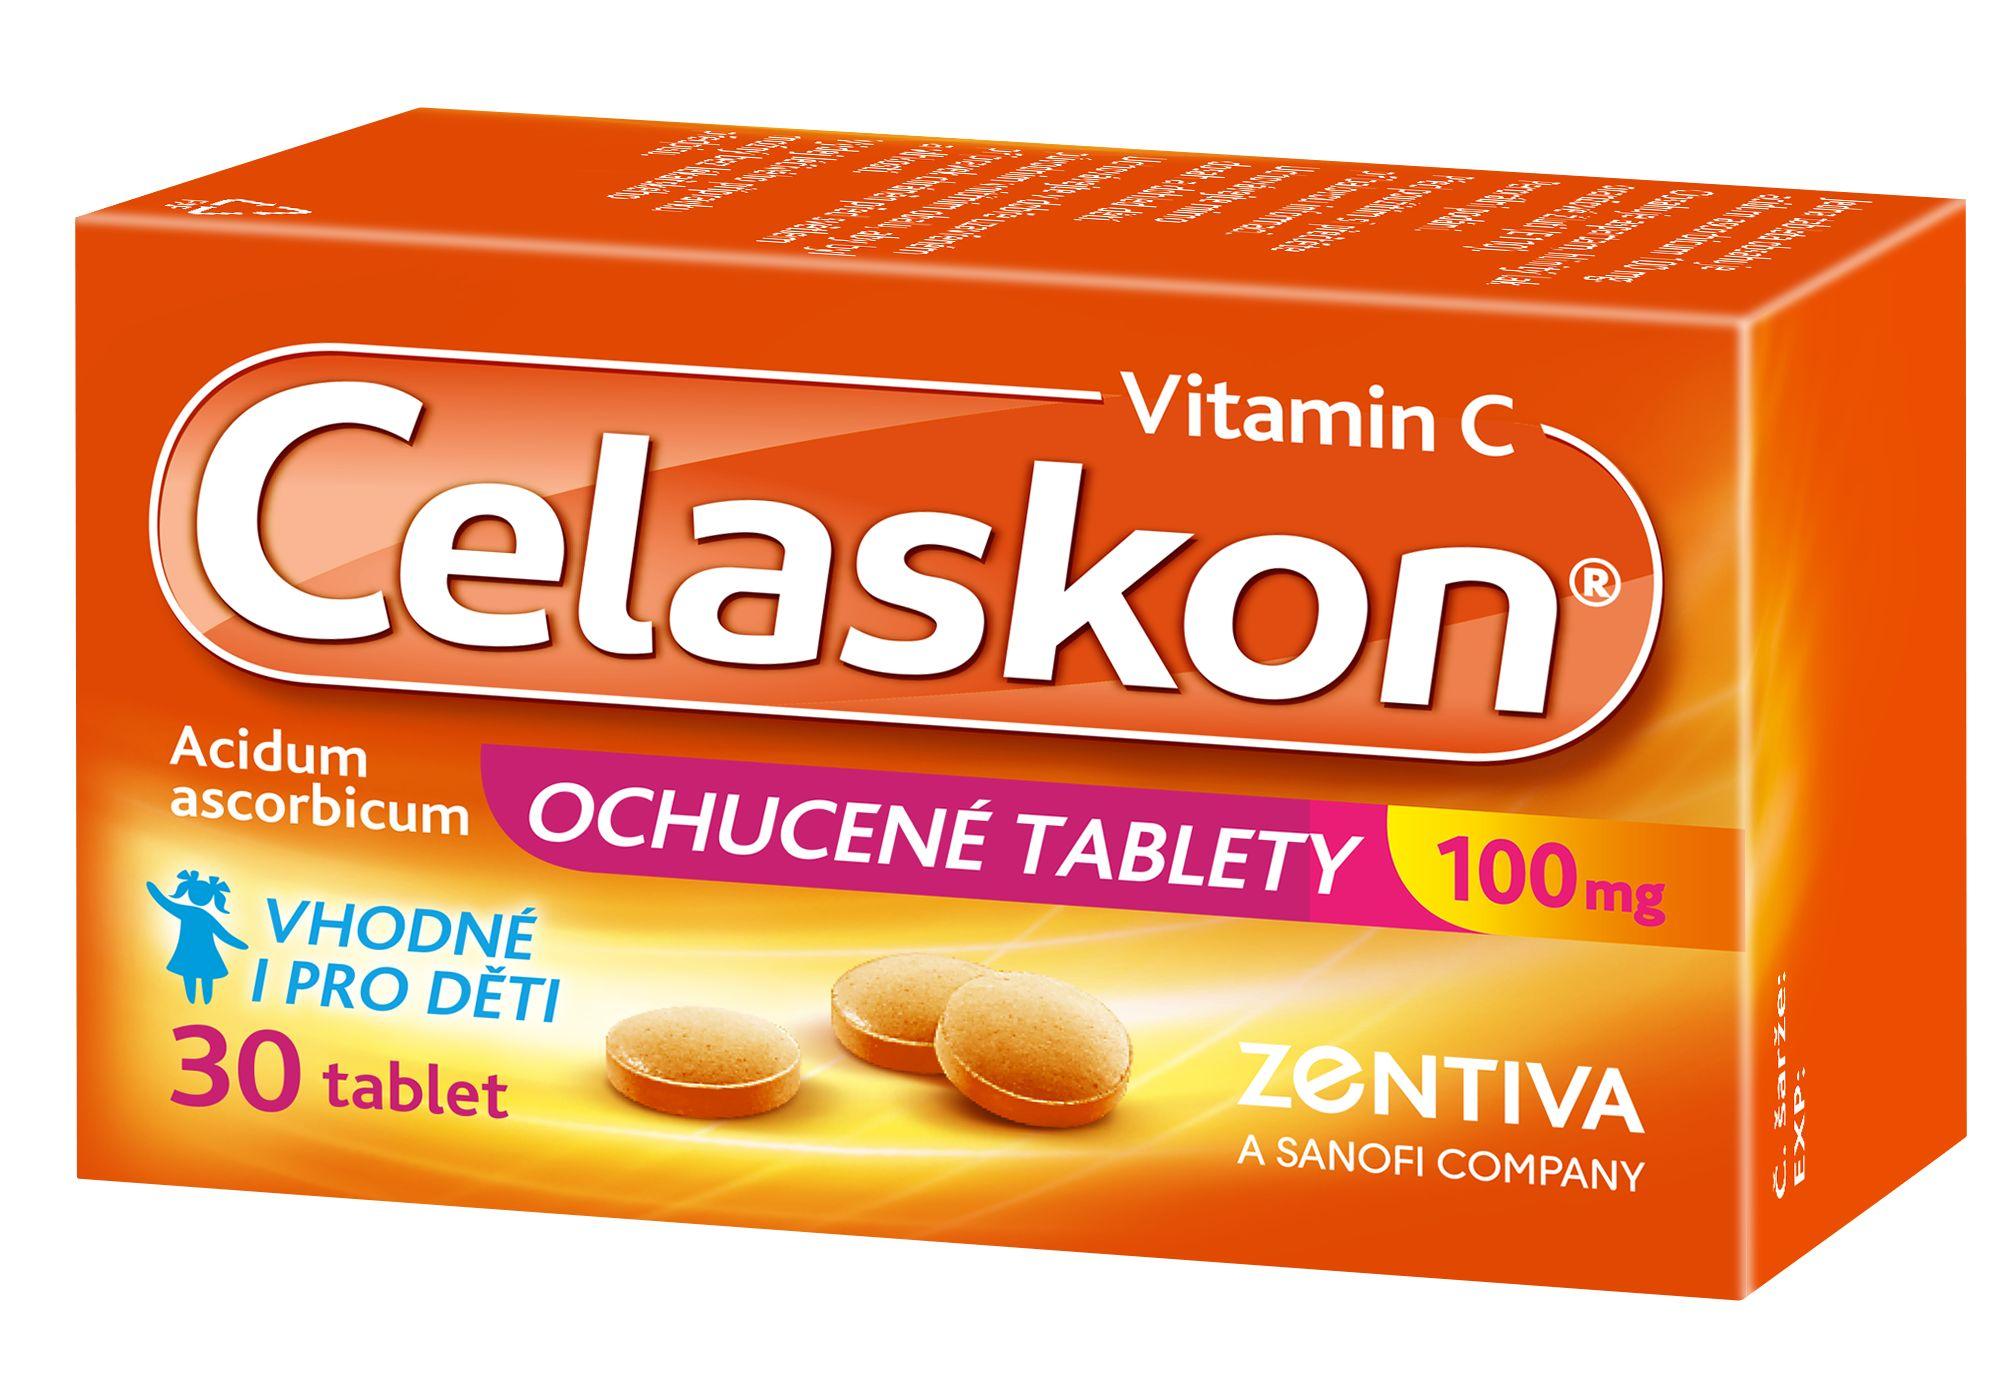 Celaskon 100 mg ochucené tablety 30 ks